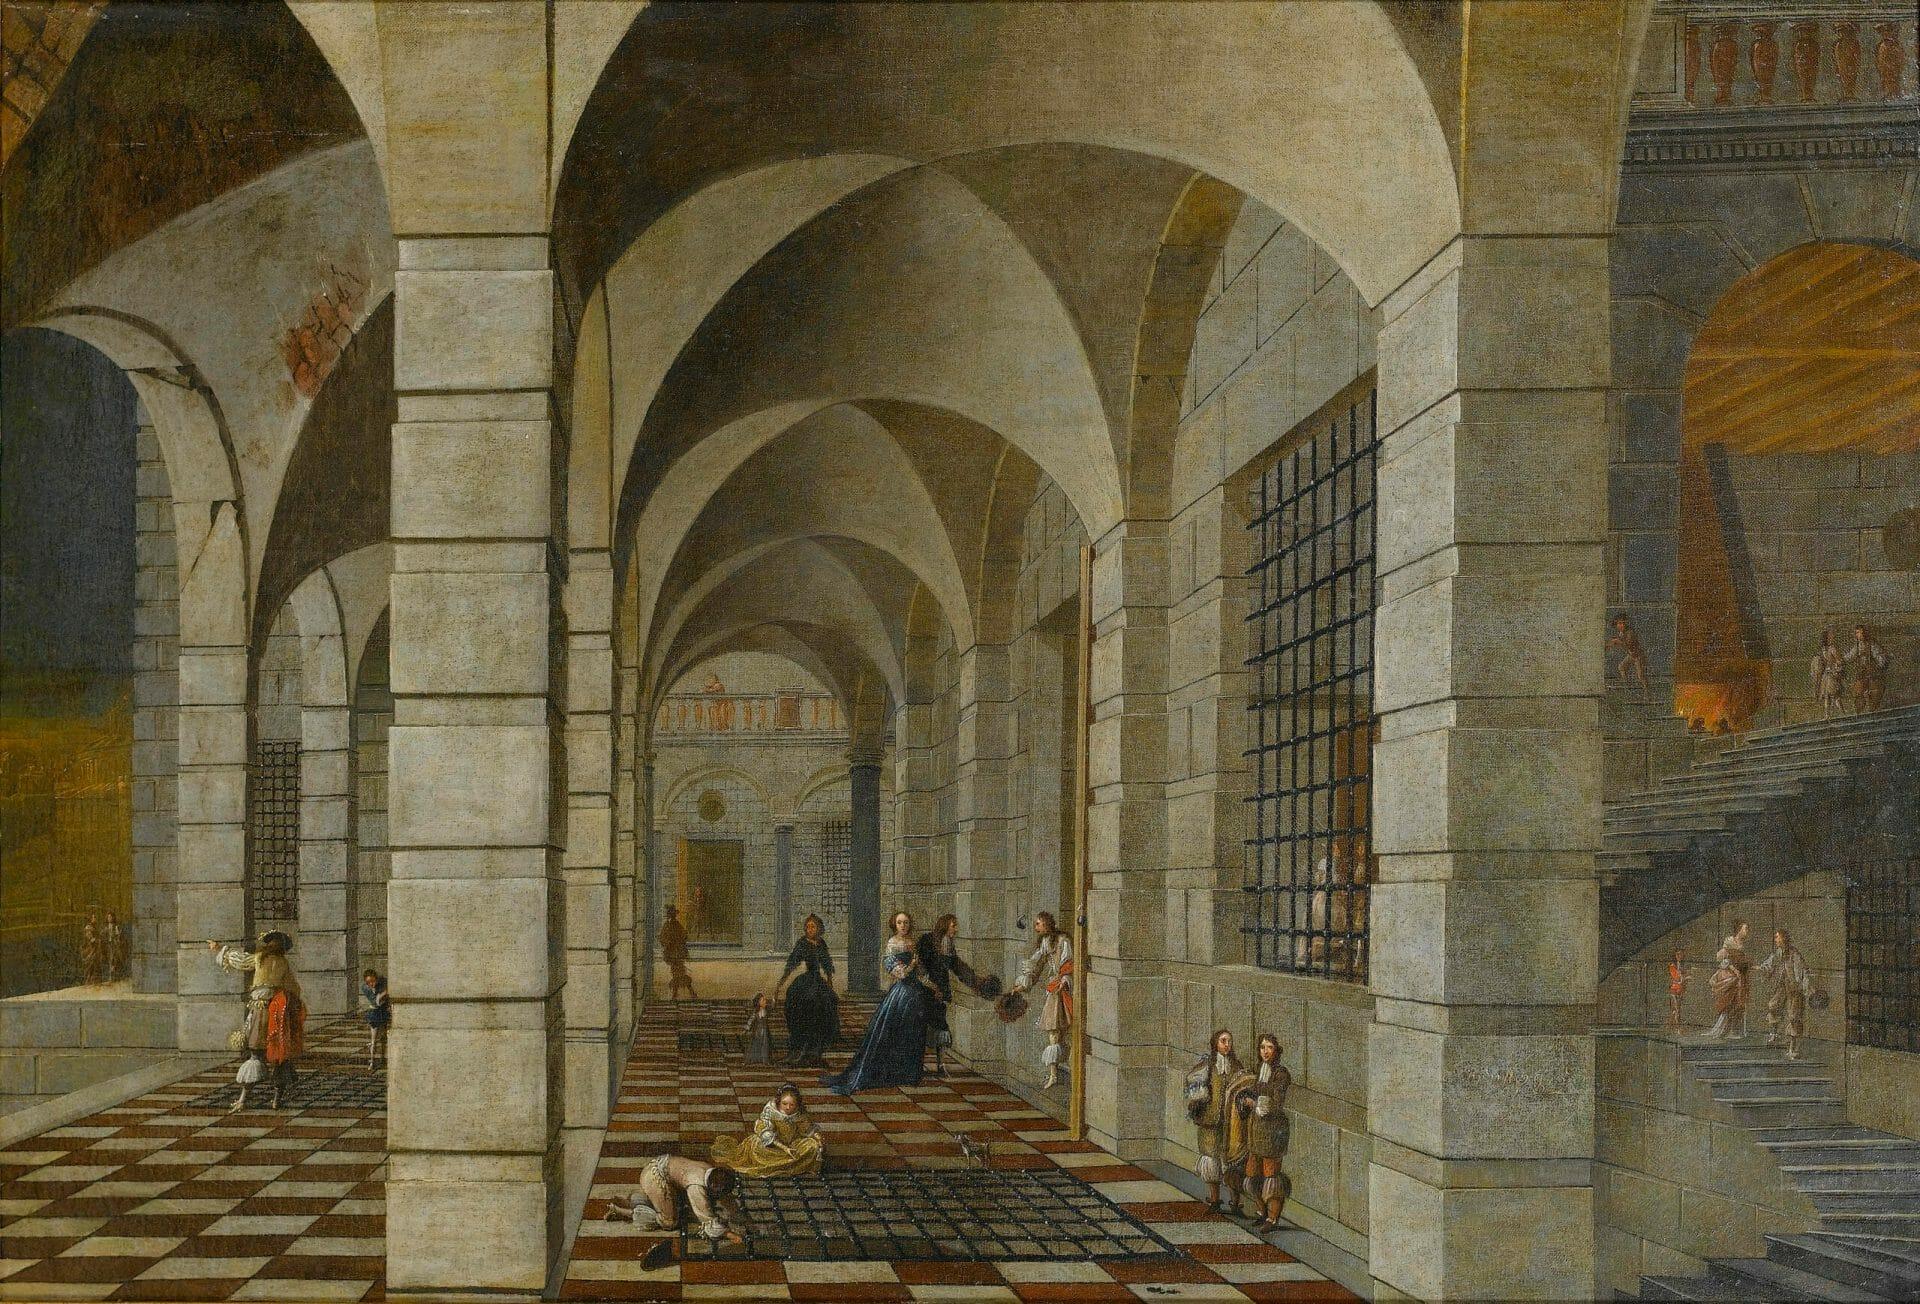 Wilhelm Schubert van Ehrenberg Dungeon Interior